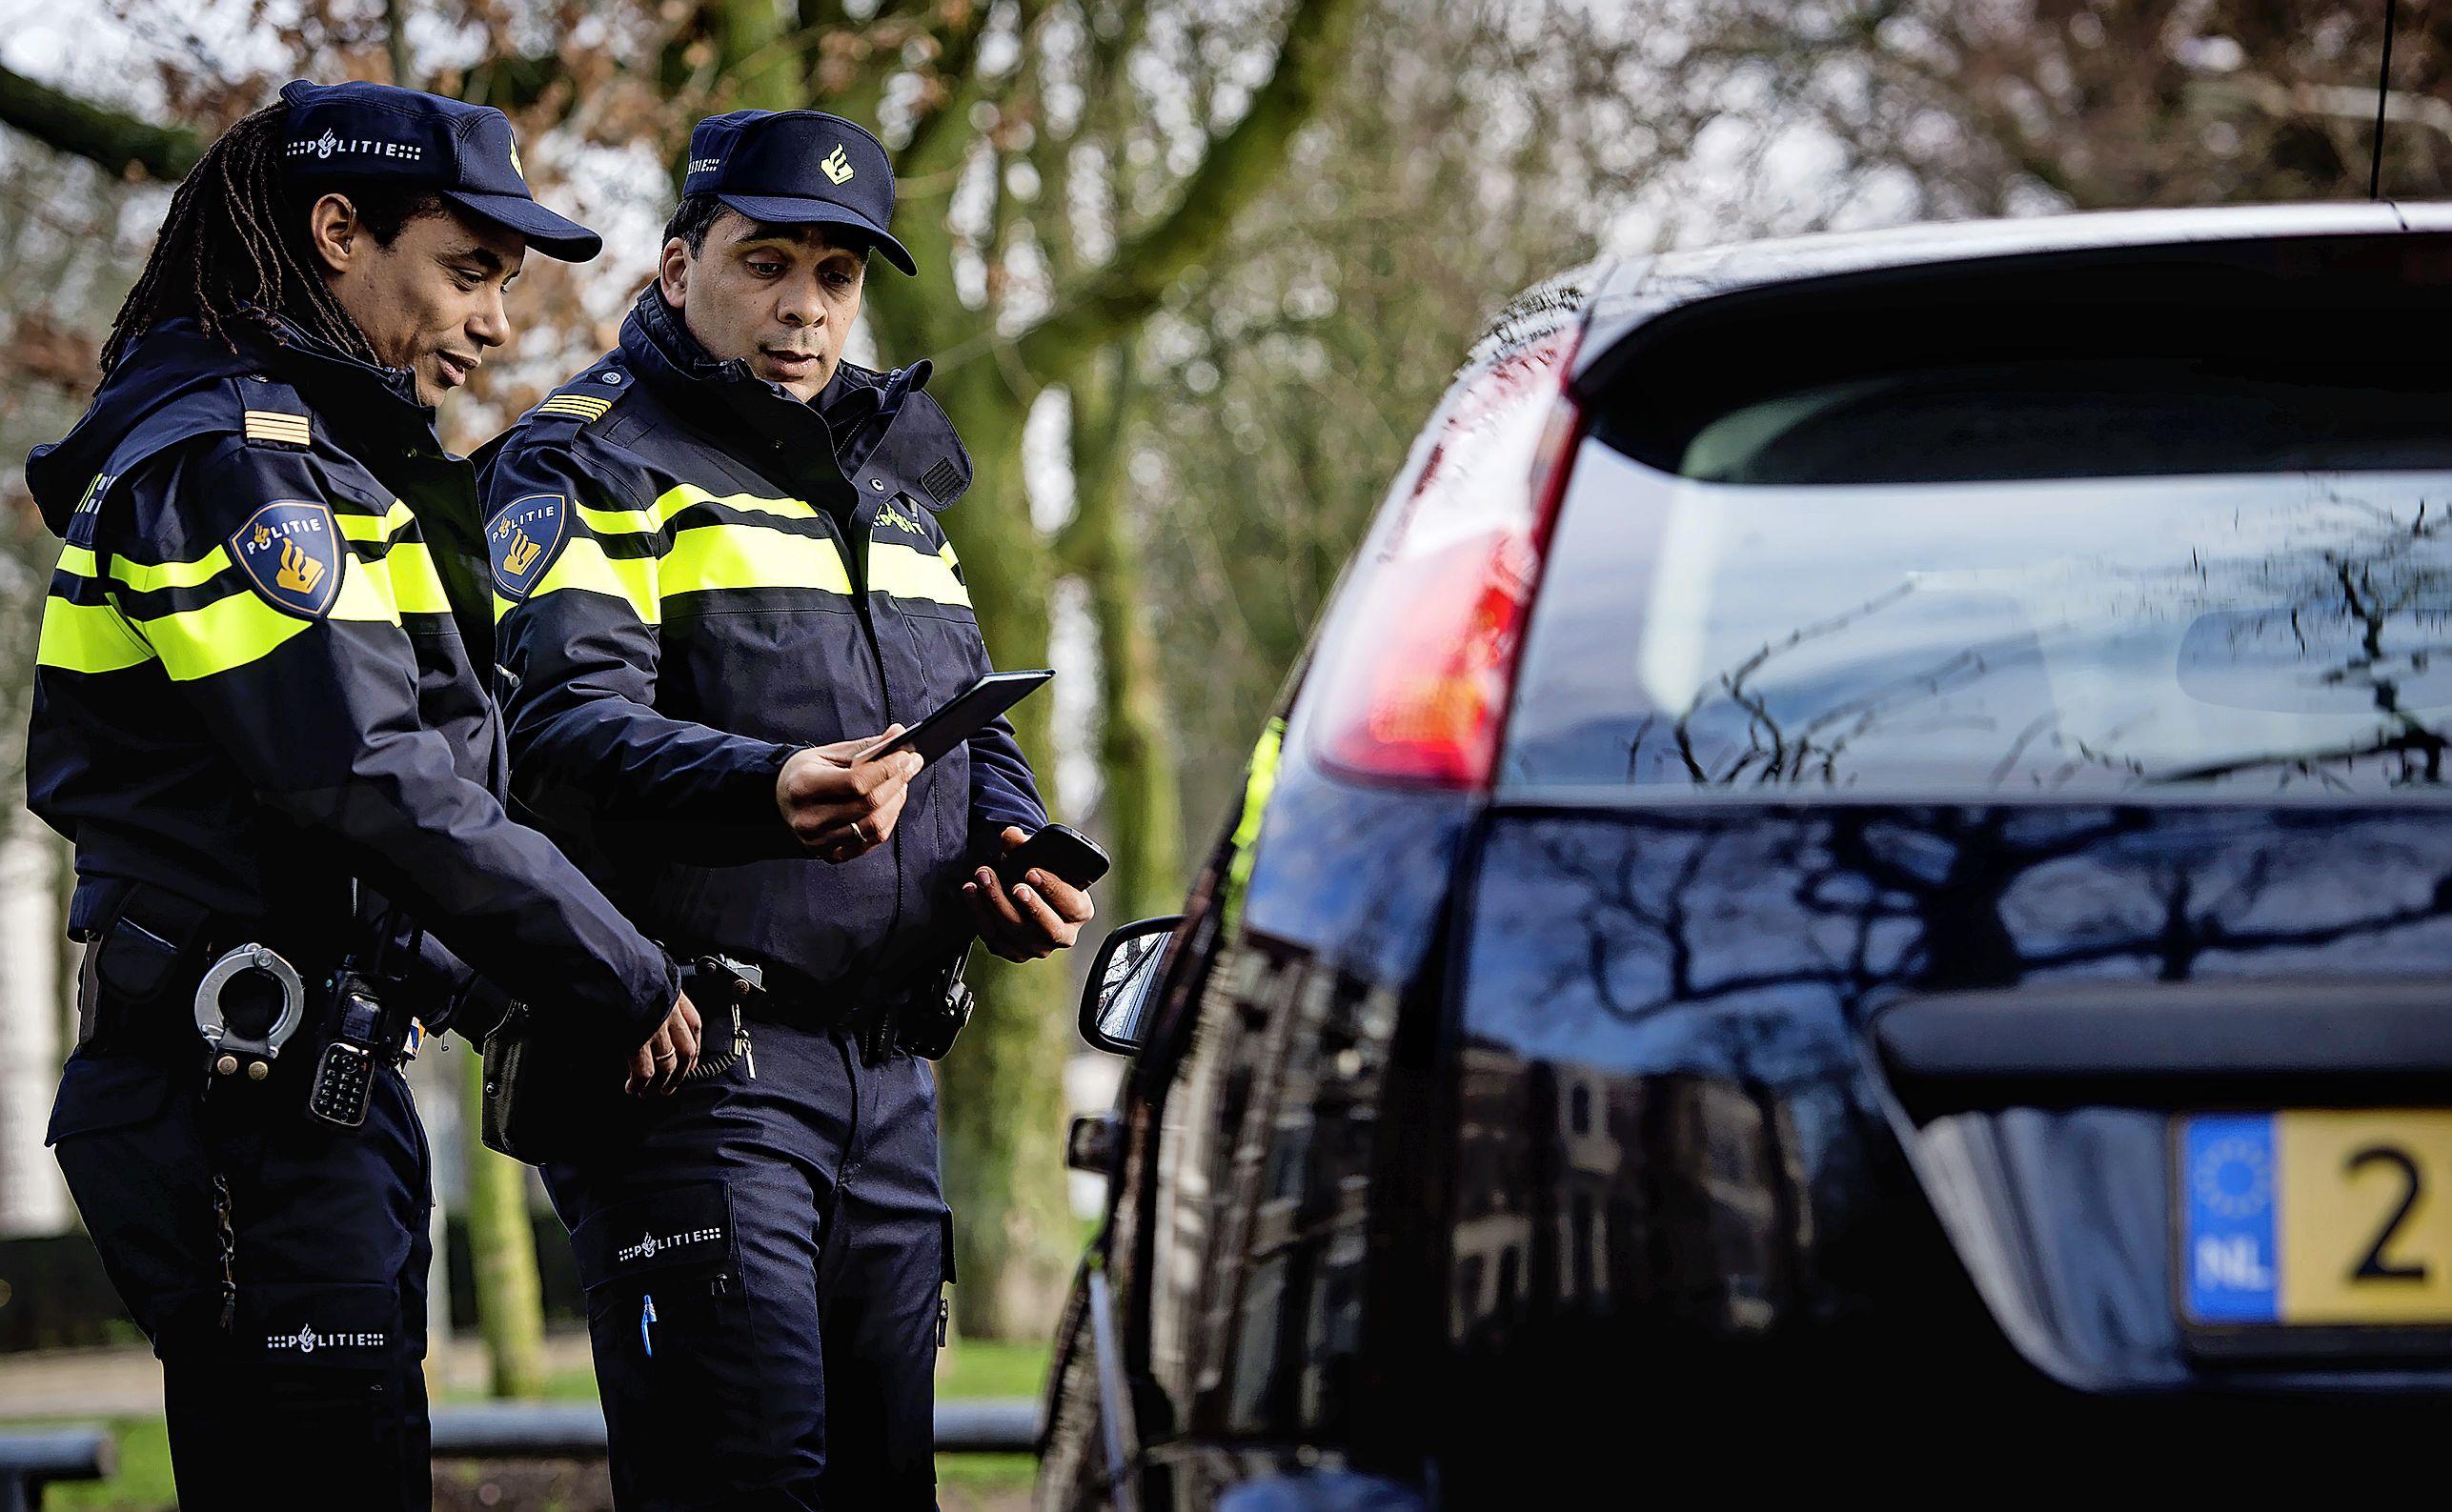 Alkmaarse (55) met slok op klemgereden door weggebruikers in Krommenie. In Bergen haalt politie met veel moeite drankrijder van de weg